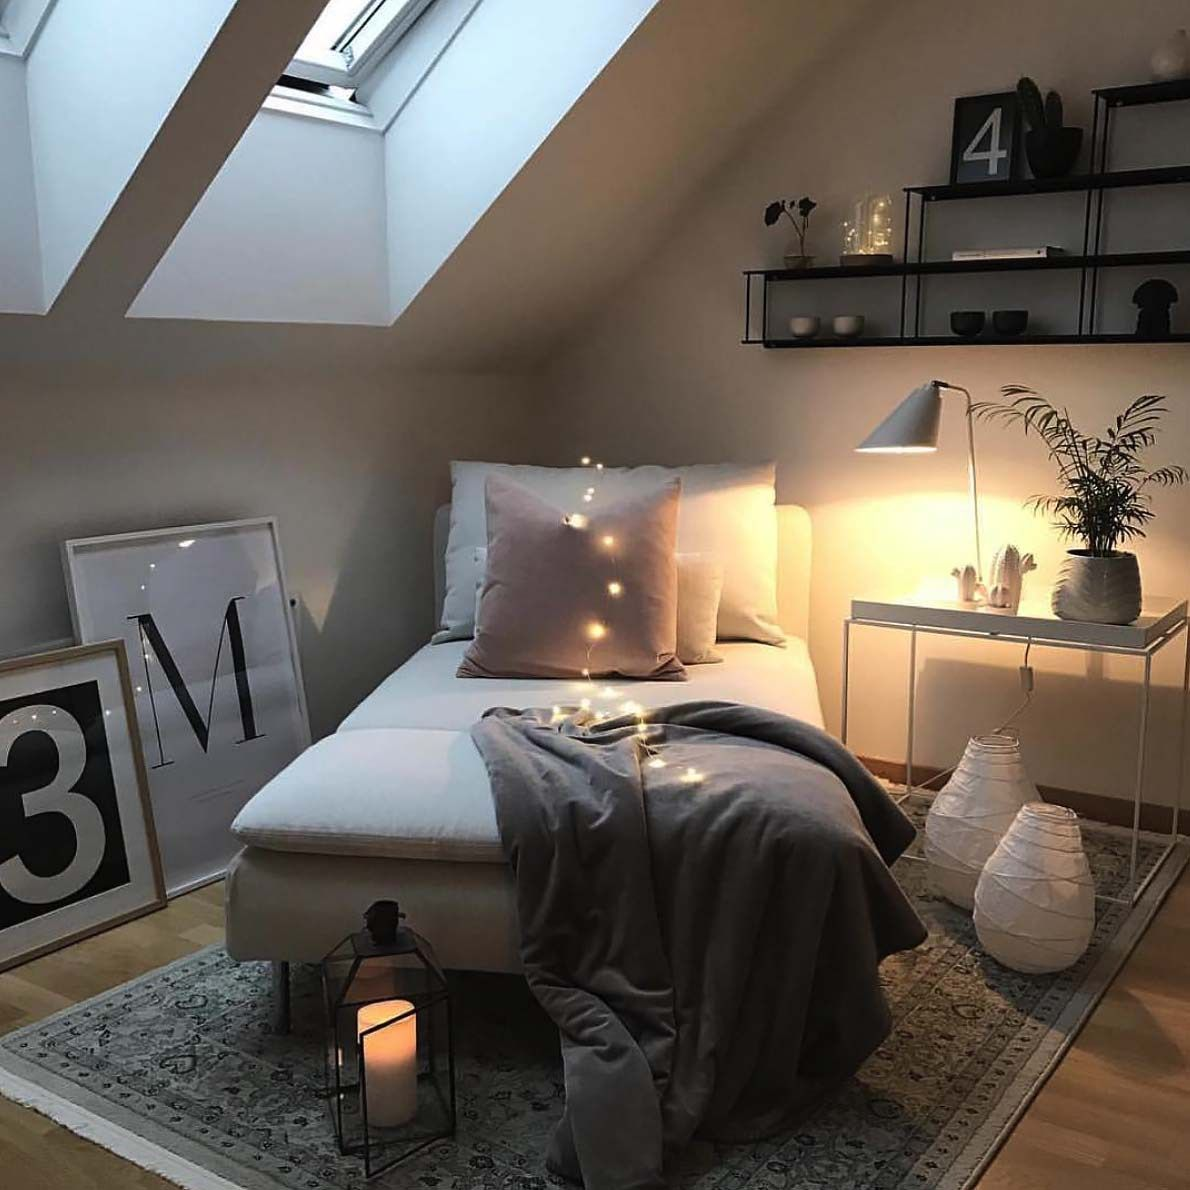 Cozy Bedroom Decorating Ideas: 33 Ultra-cozy Bedroom Decorating Ideas For Winter Warmth